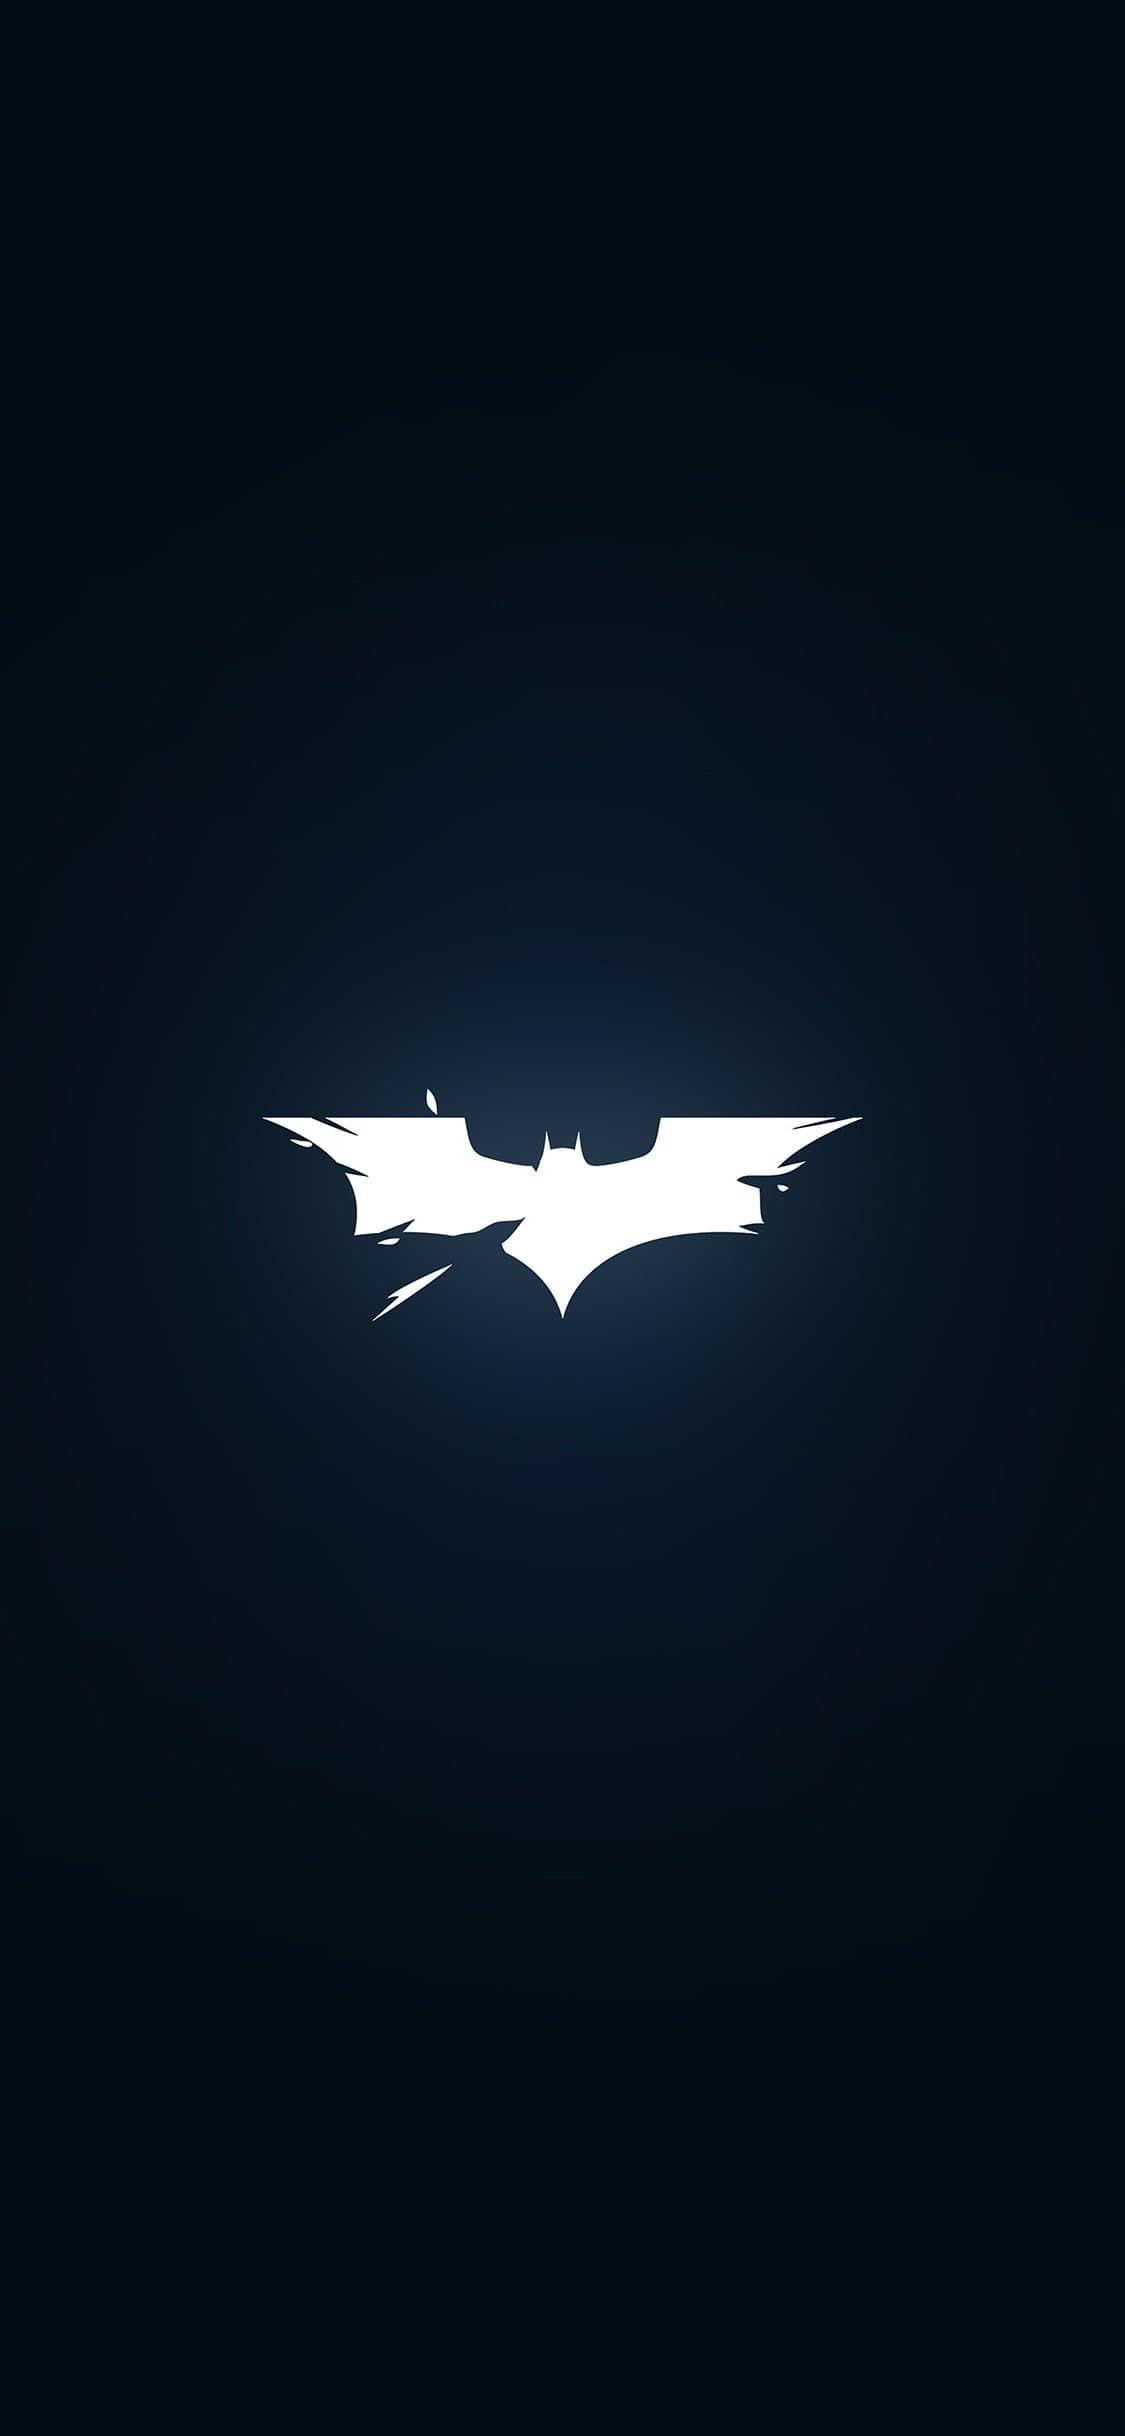 50 خلفية سوداء للايفون Batman Wallpaper Black Wallpaper Iphone Wallpaper